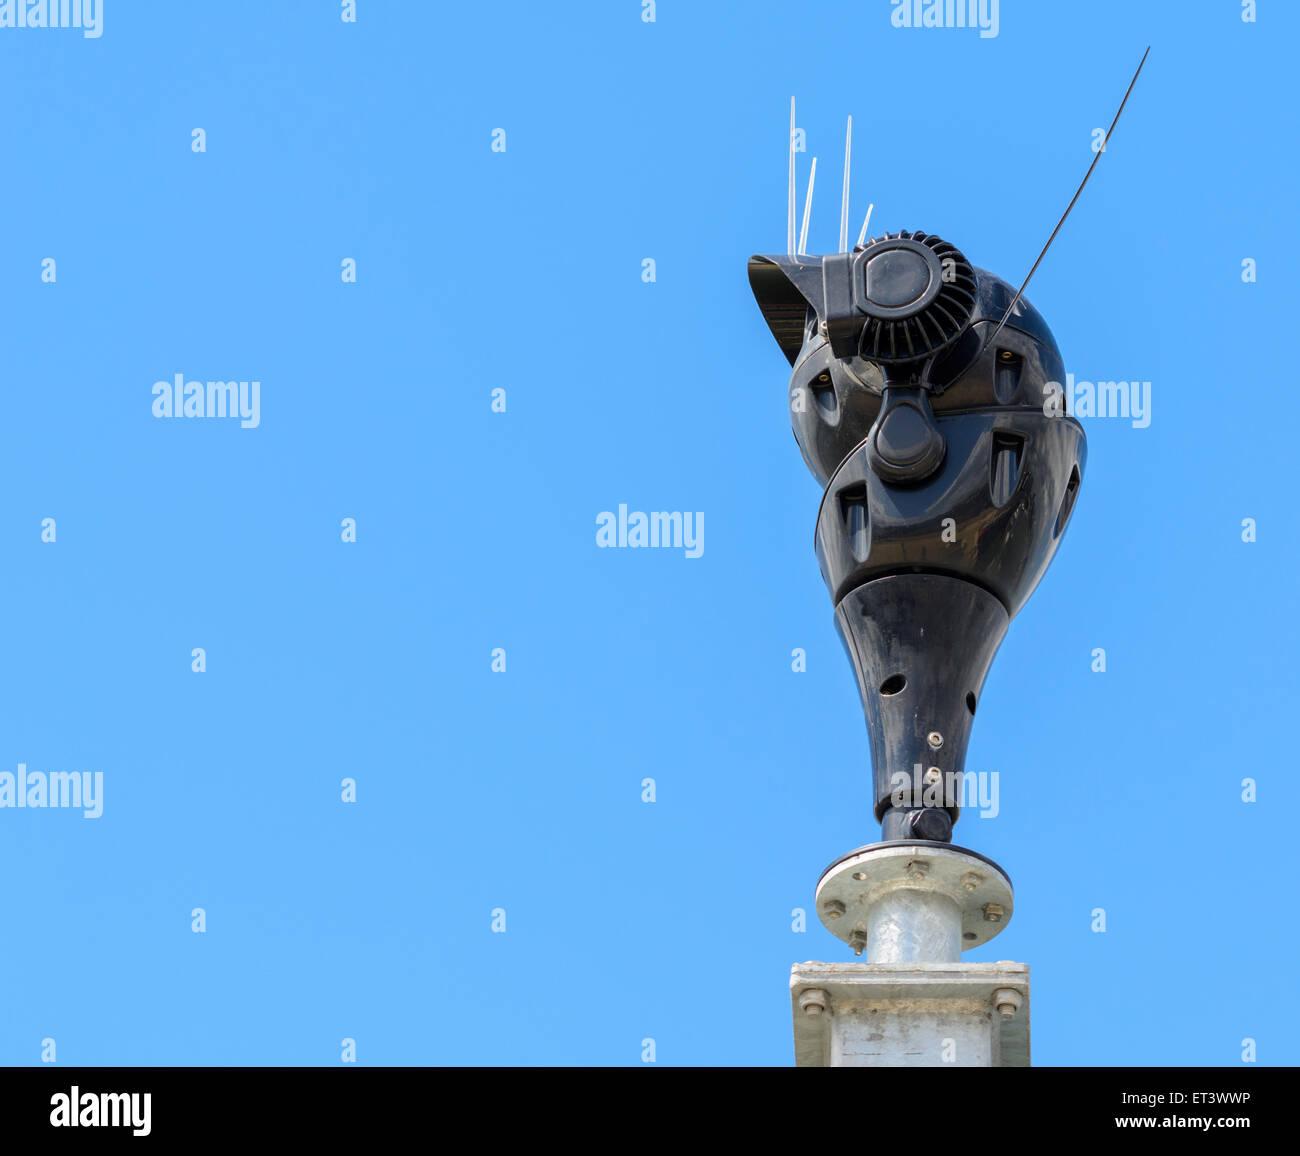 Externe Webcam gegen blauen Himmel. Stockbild